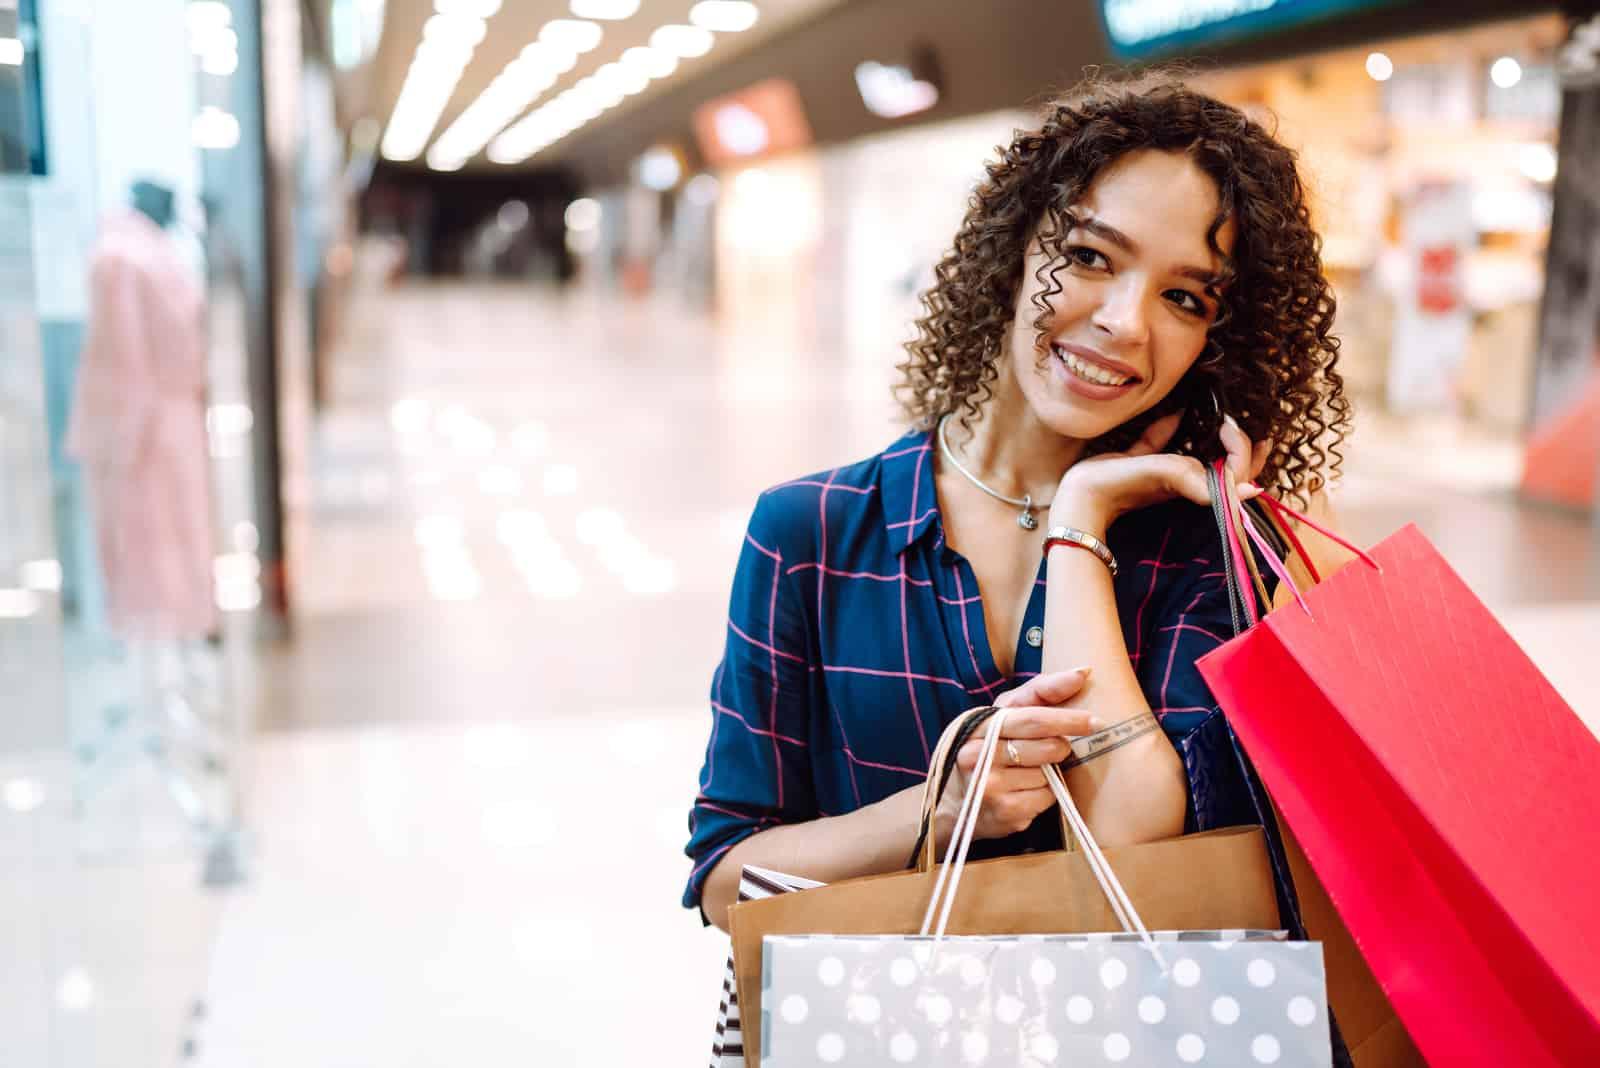 une femme souriante parle au téléphone et tient des sacs à la main